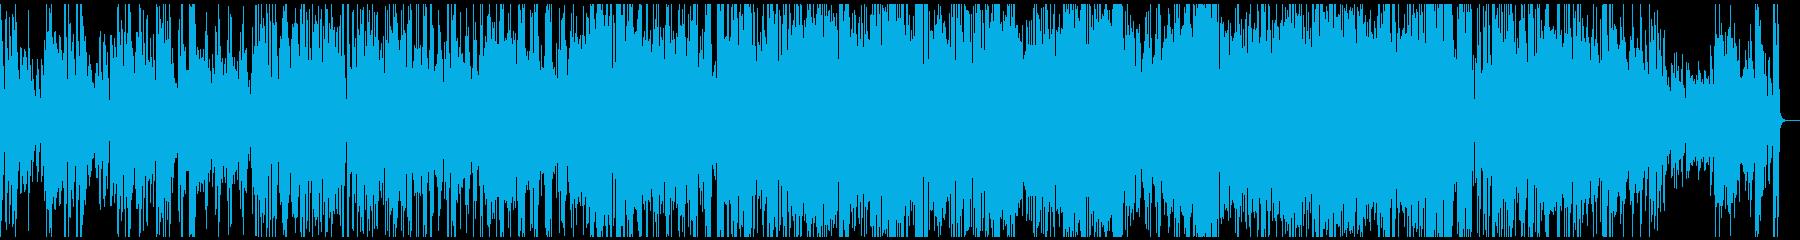 熱いの再生済みの波形